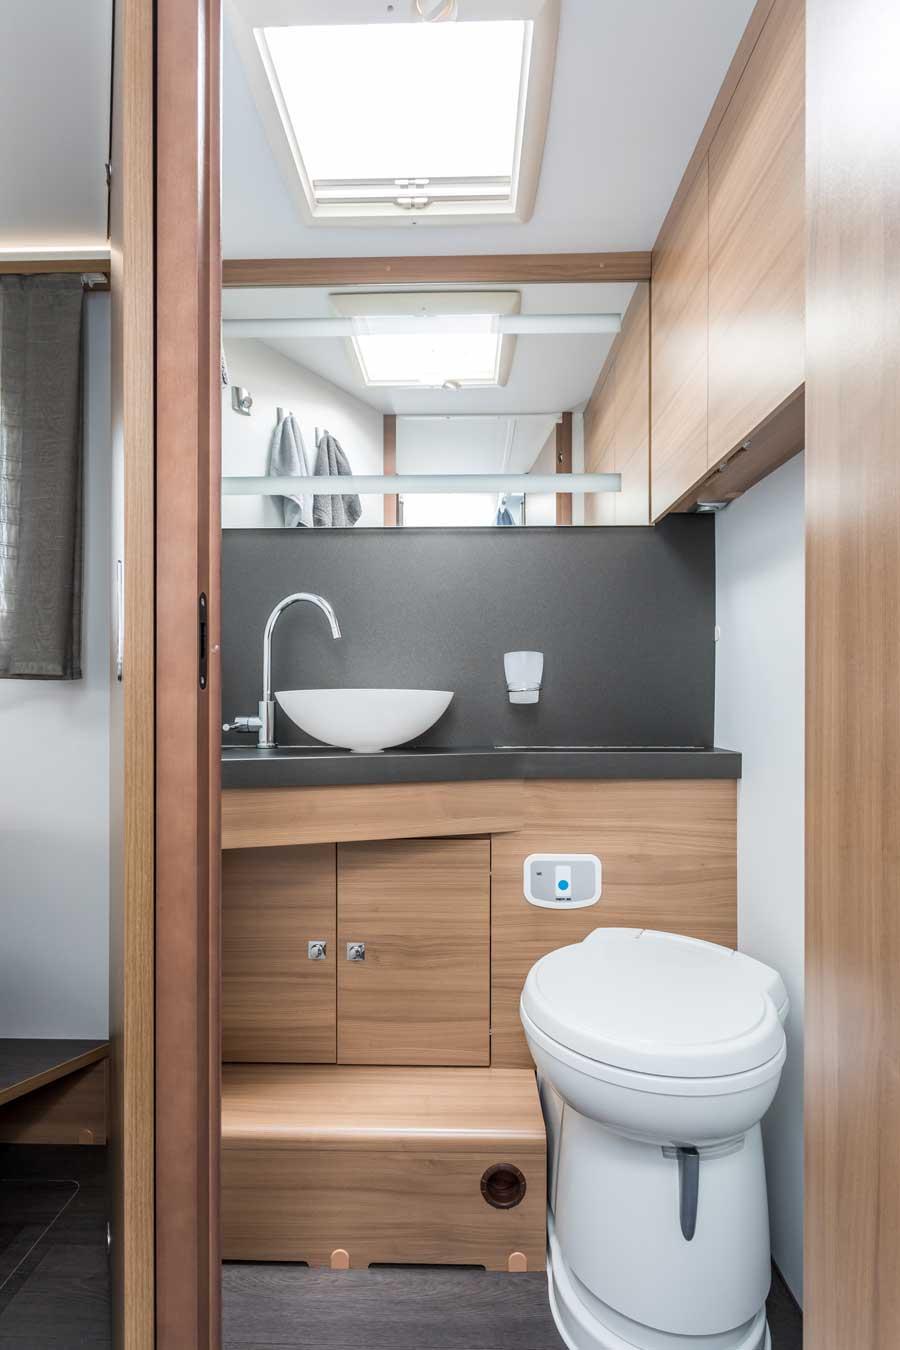 badkamer en wc van de Adria matrix van Luxecamperhuren.nl